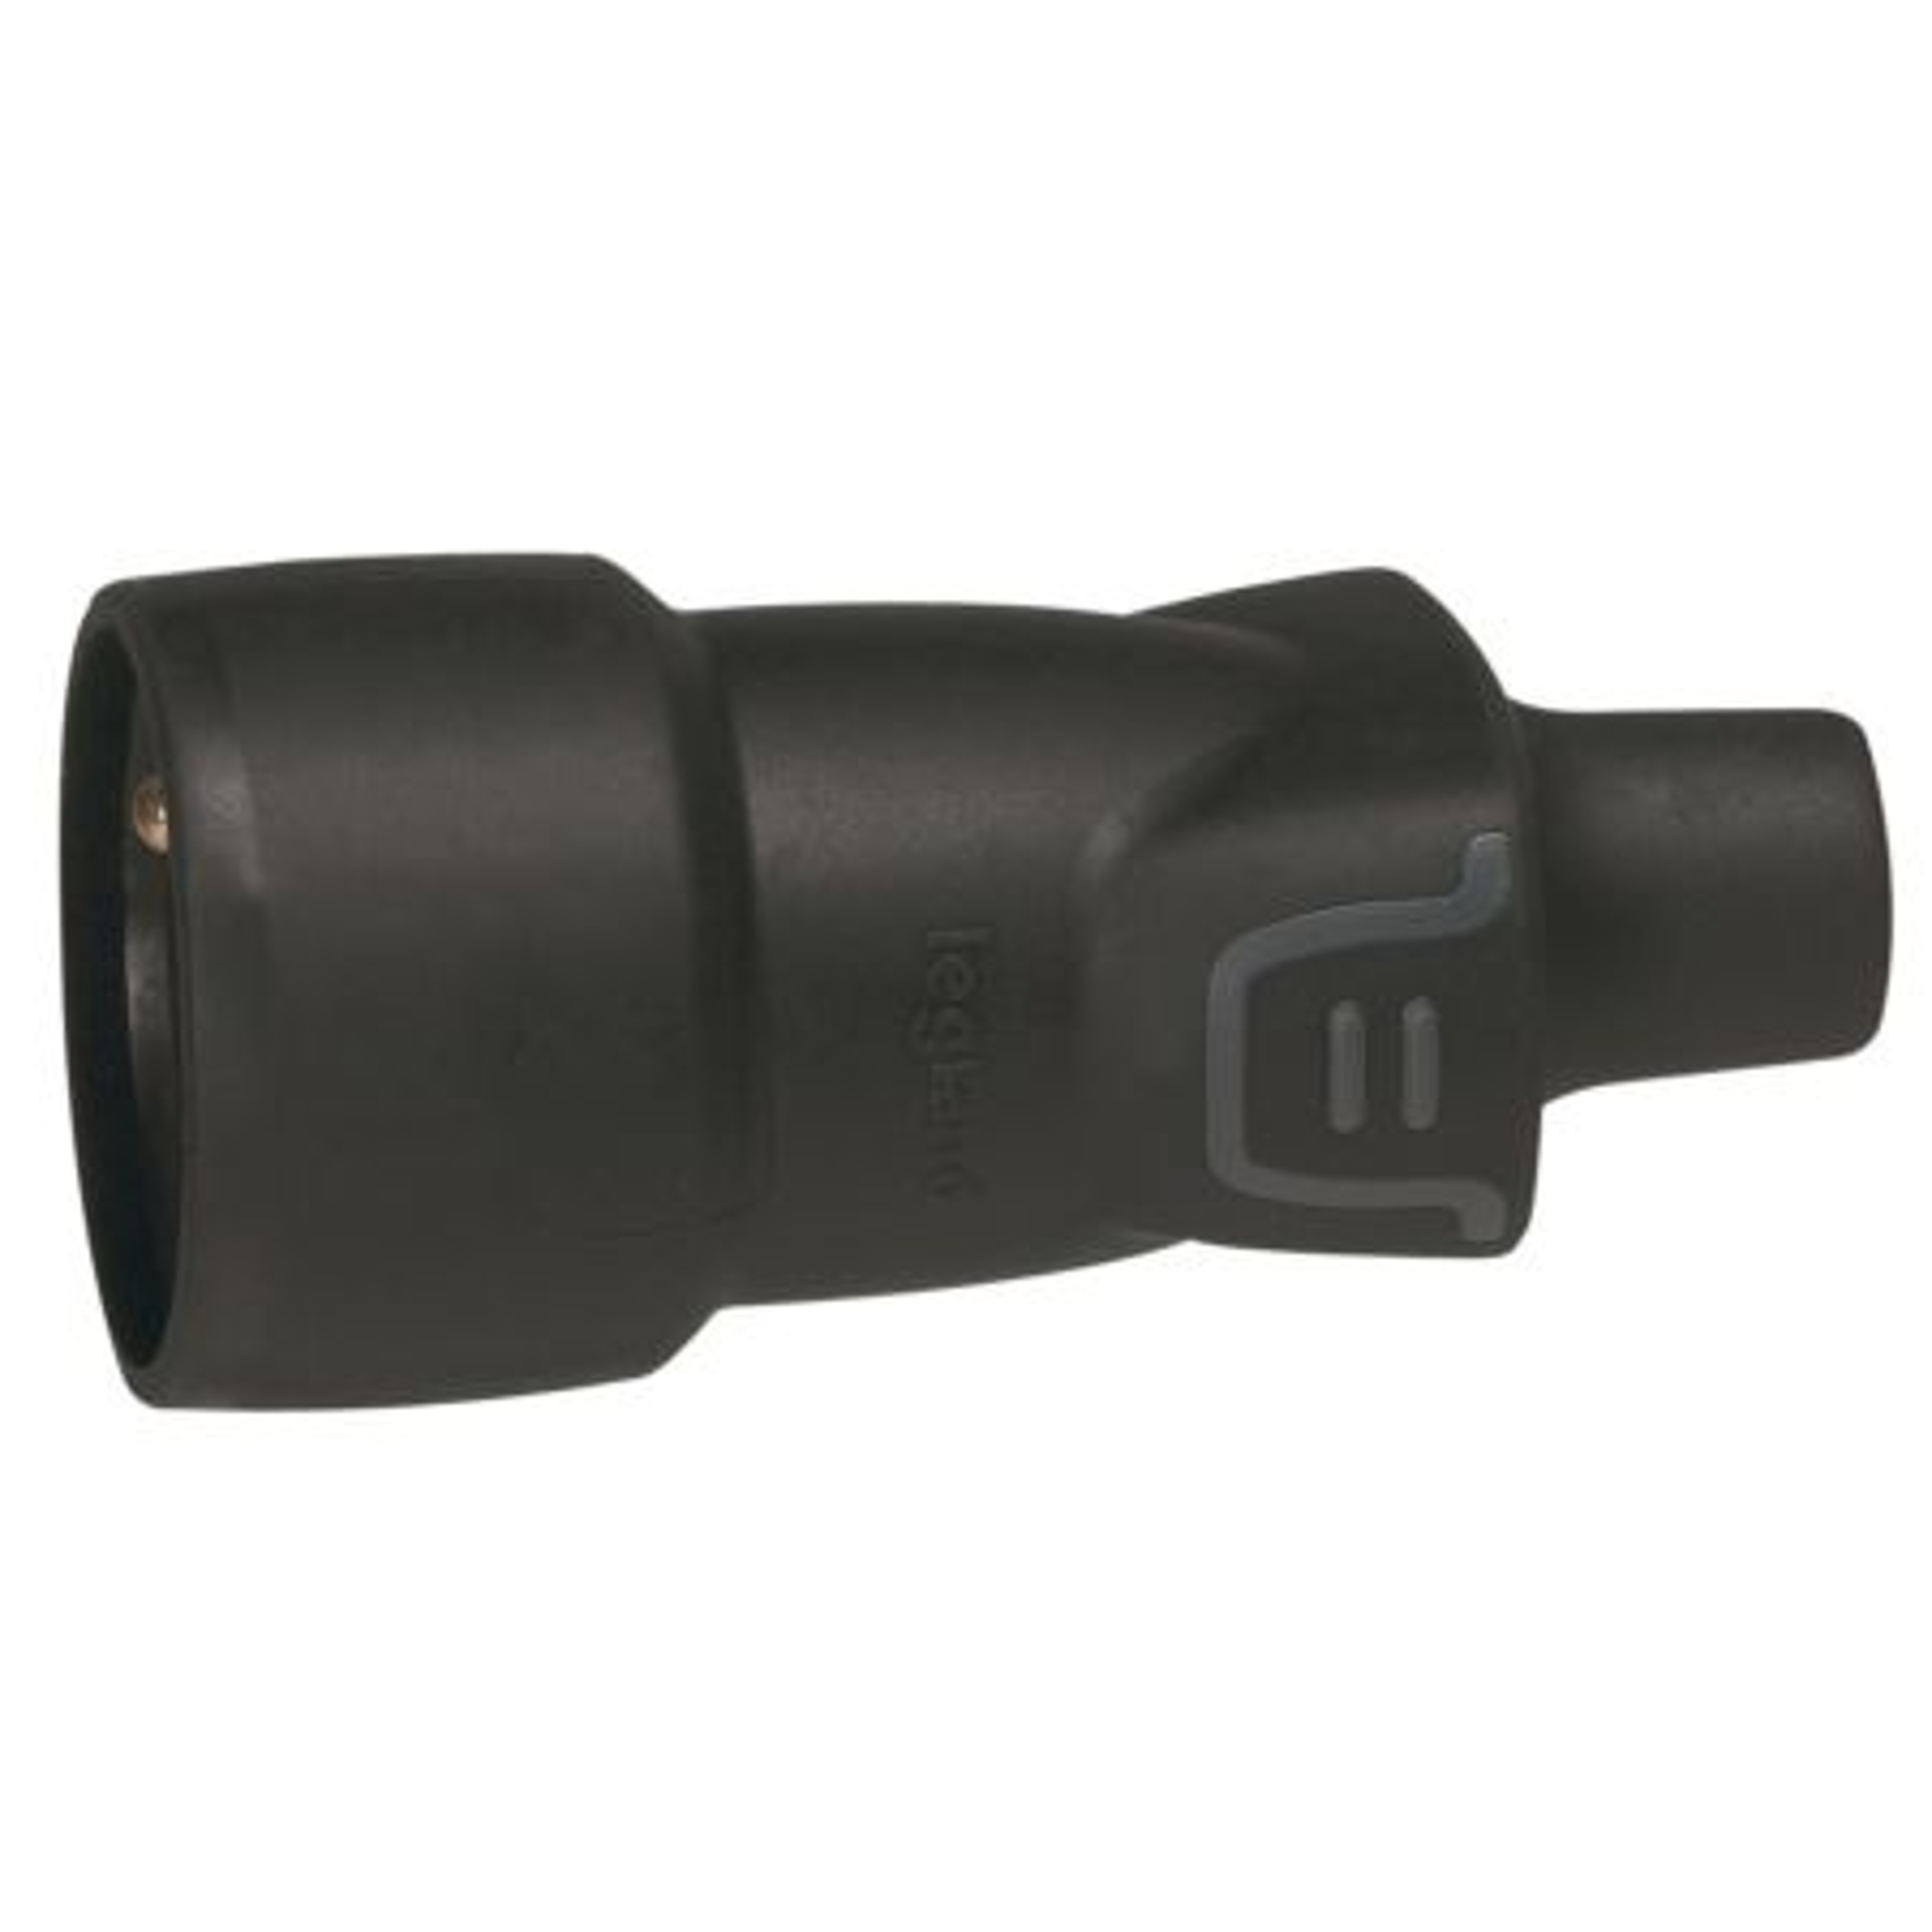 LEGRAND Zásuvka-spojka 2P+T      230V/16A pryž černá IP44